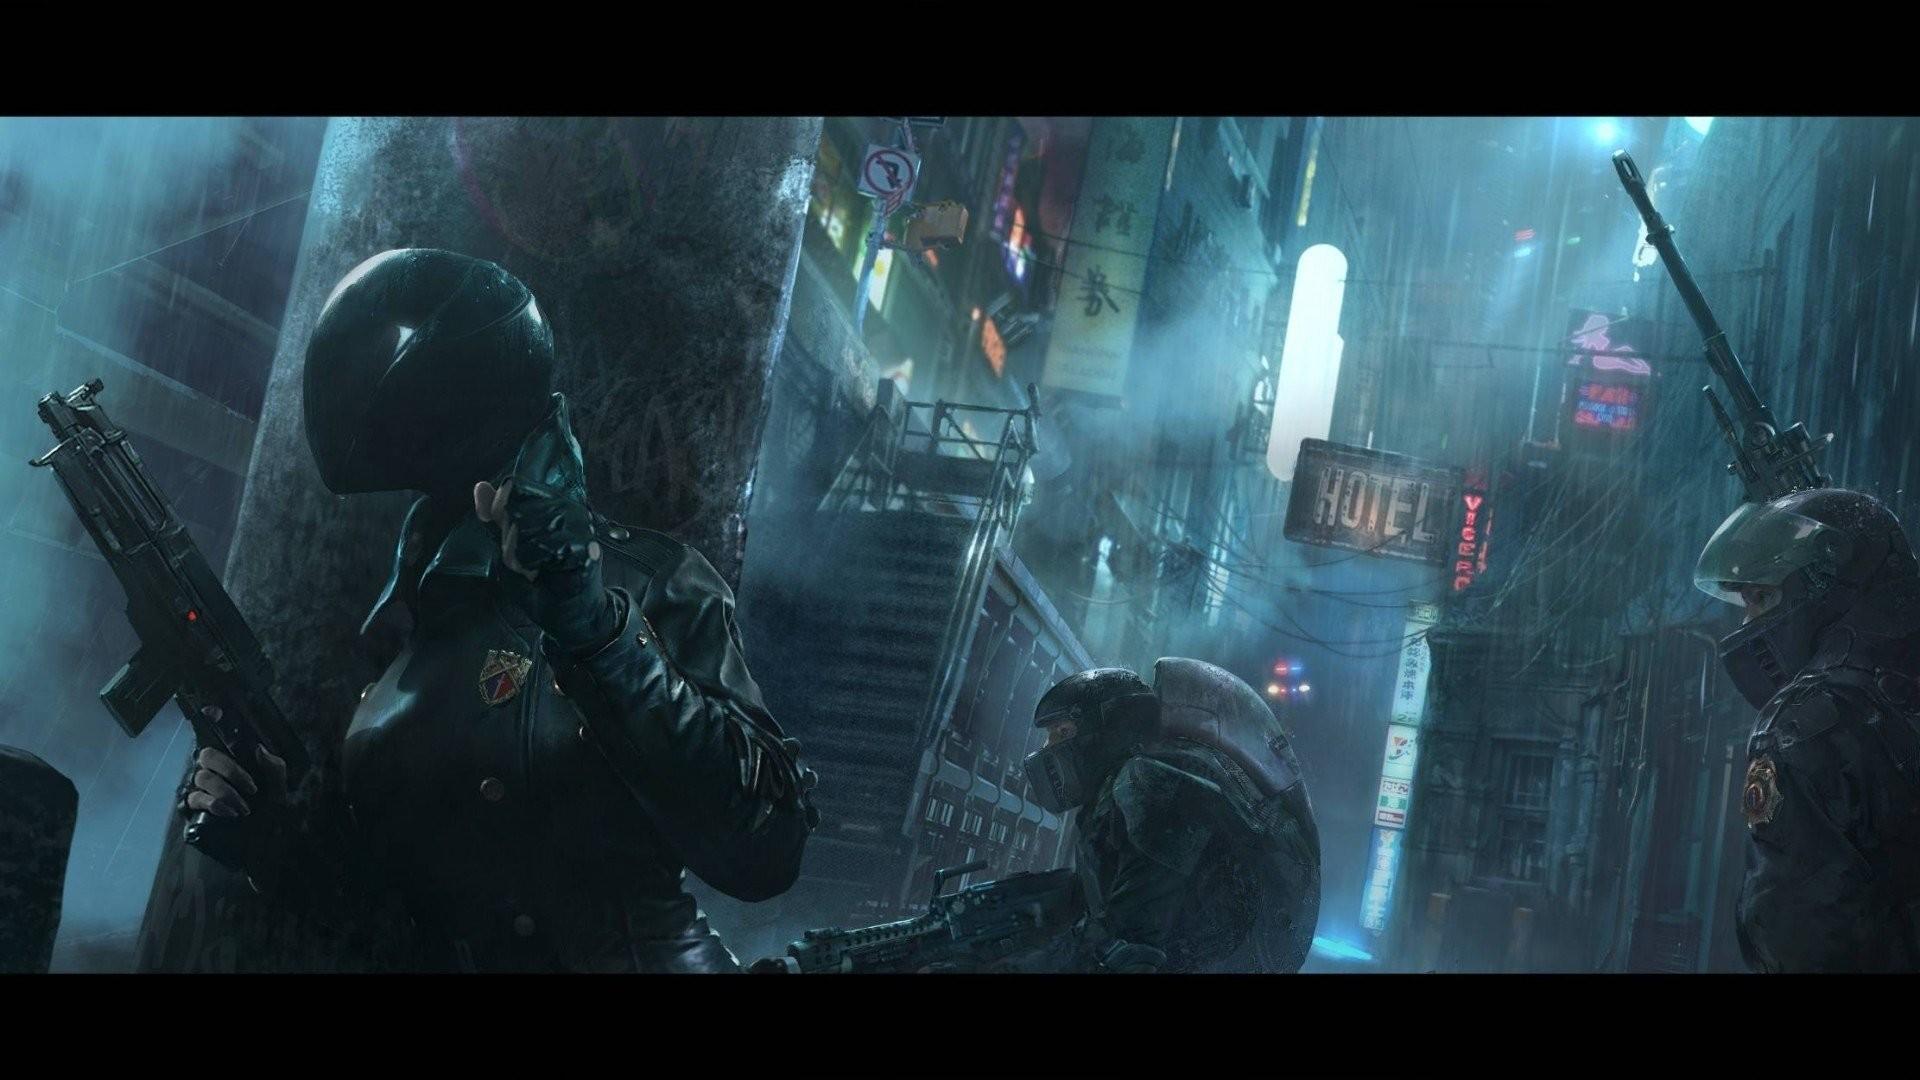 Cyberpunk 2077 City Wallpaper